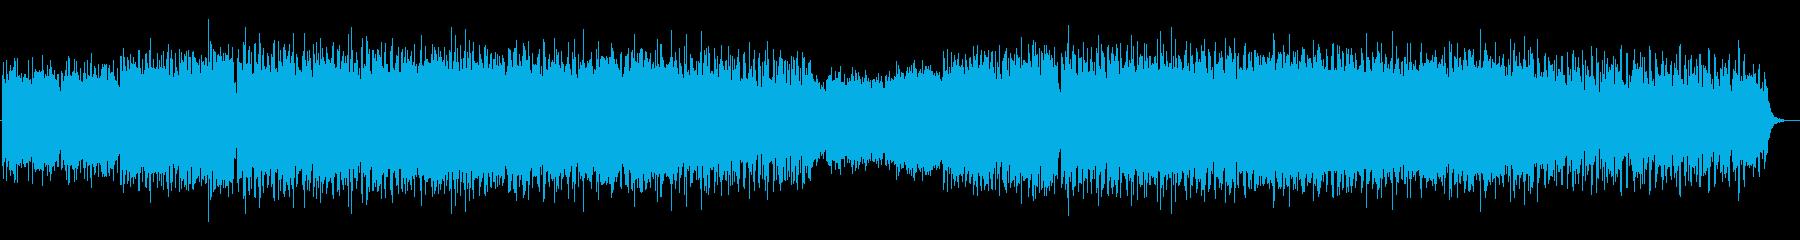 生演奏バイオリンのFuture bassの再生済みの波形